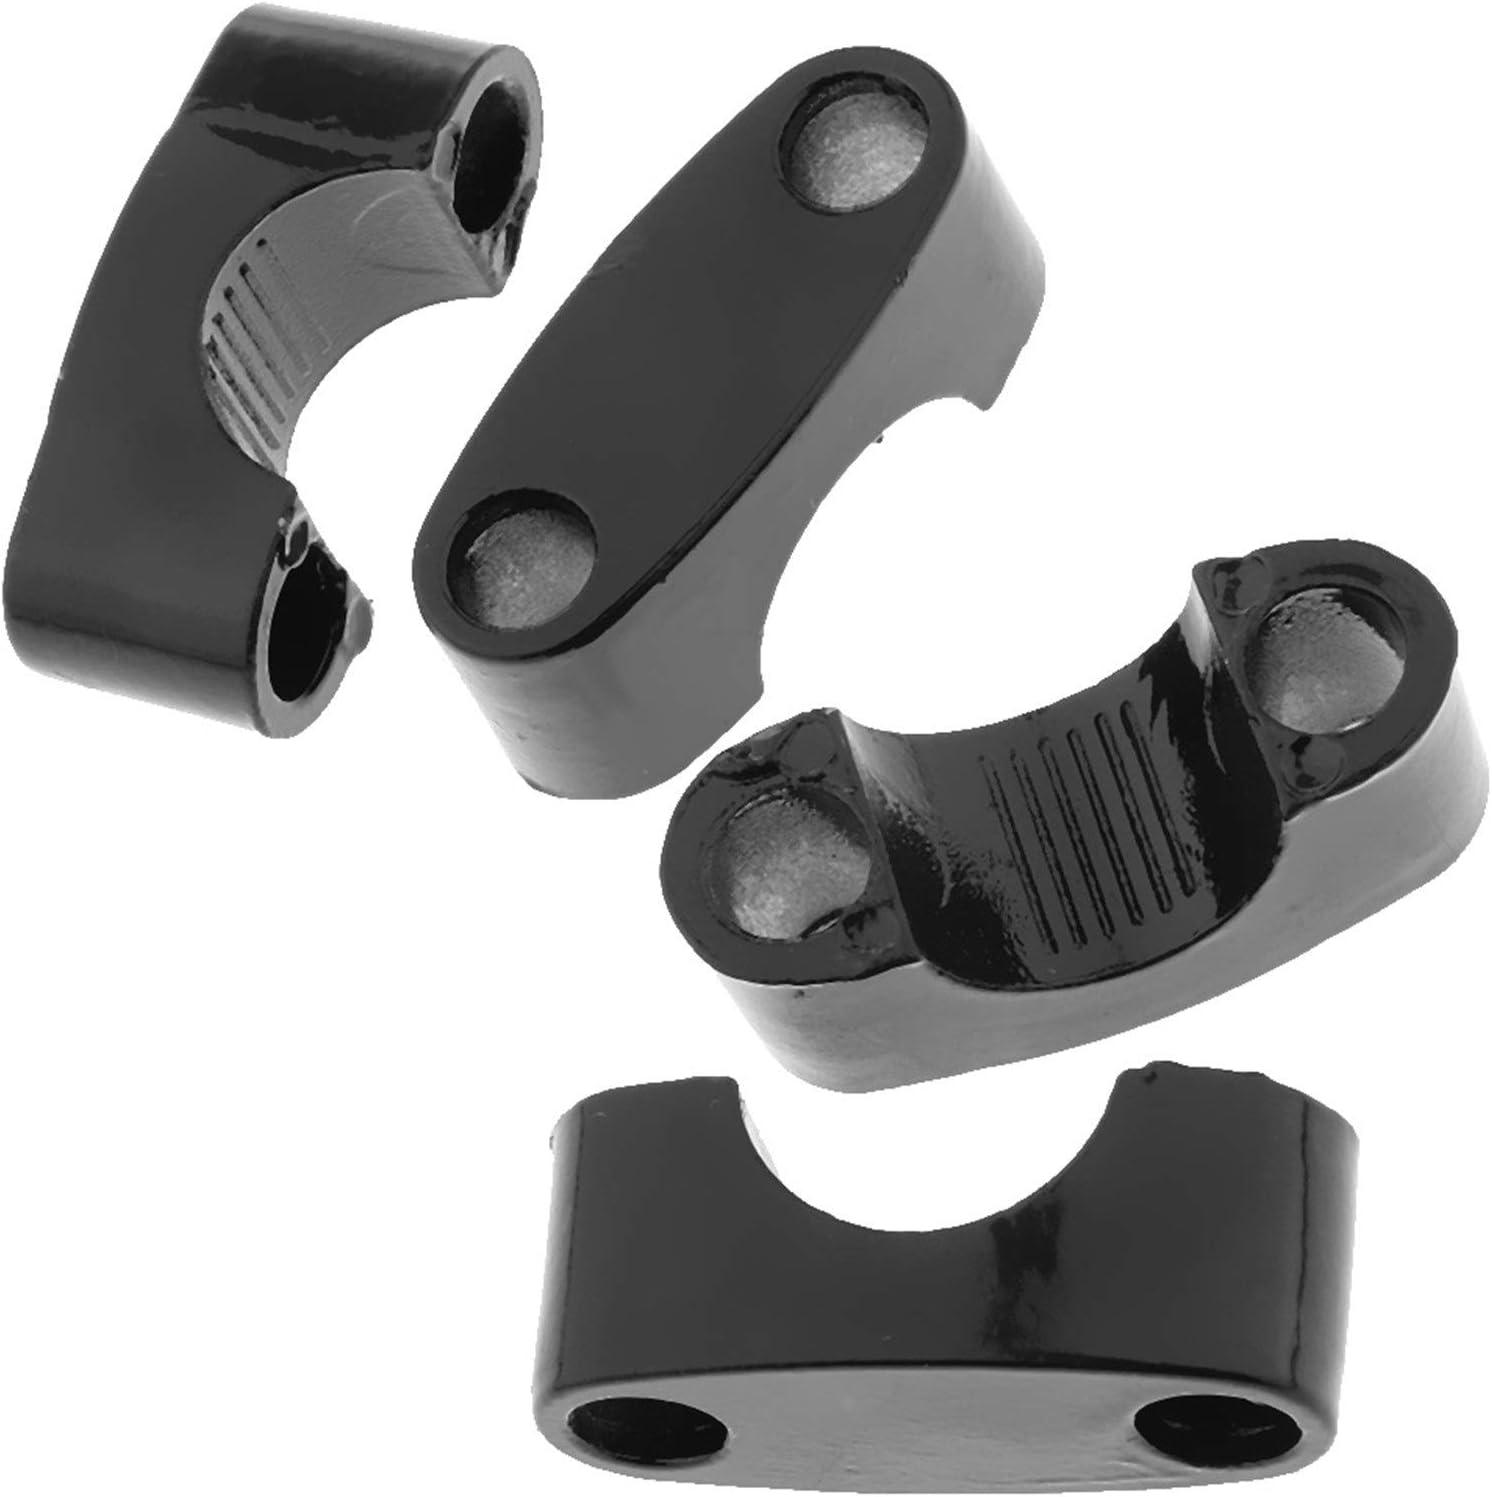 22mm CNC Aluminium Universal-Lenkerhalter Riser Zangenadapter gepasst for Motorrad-Buggy schwarz 4er Set Lenkerklemmung Adapter